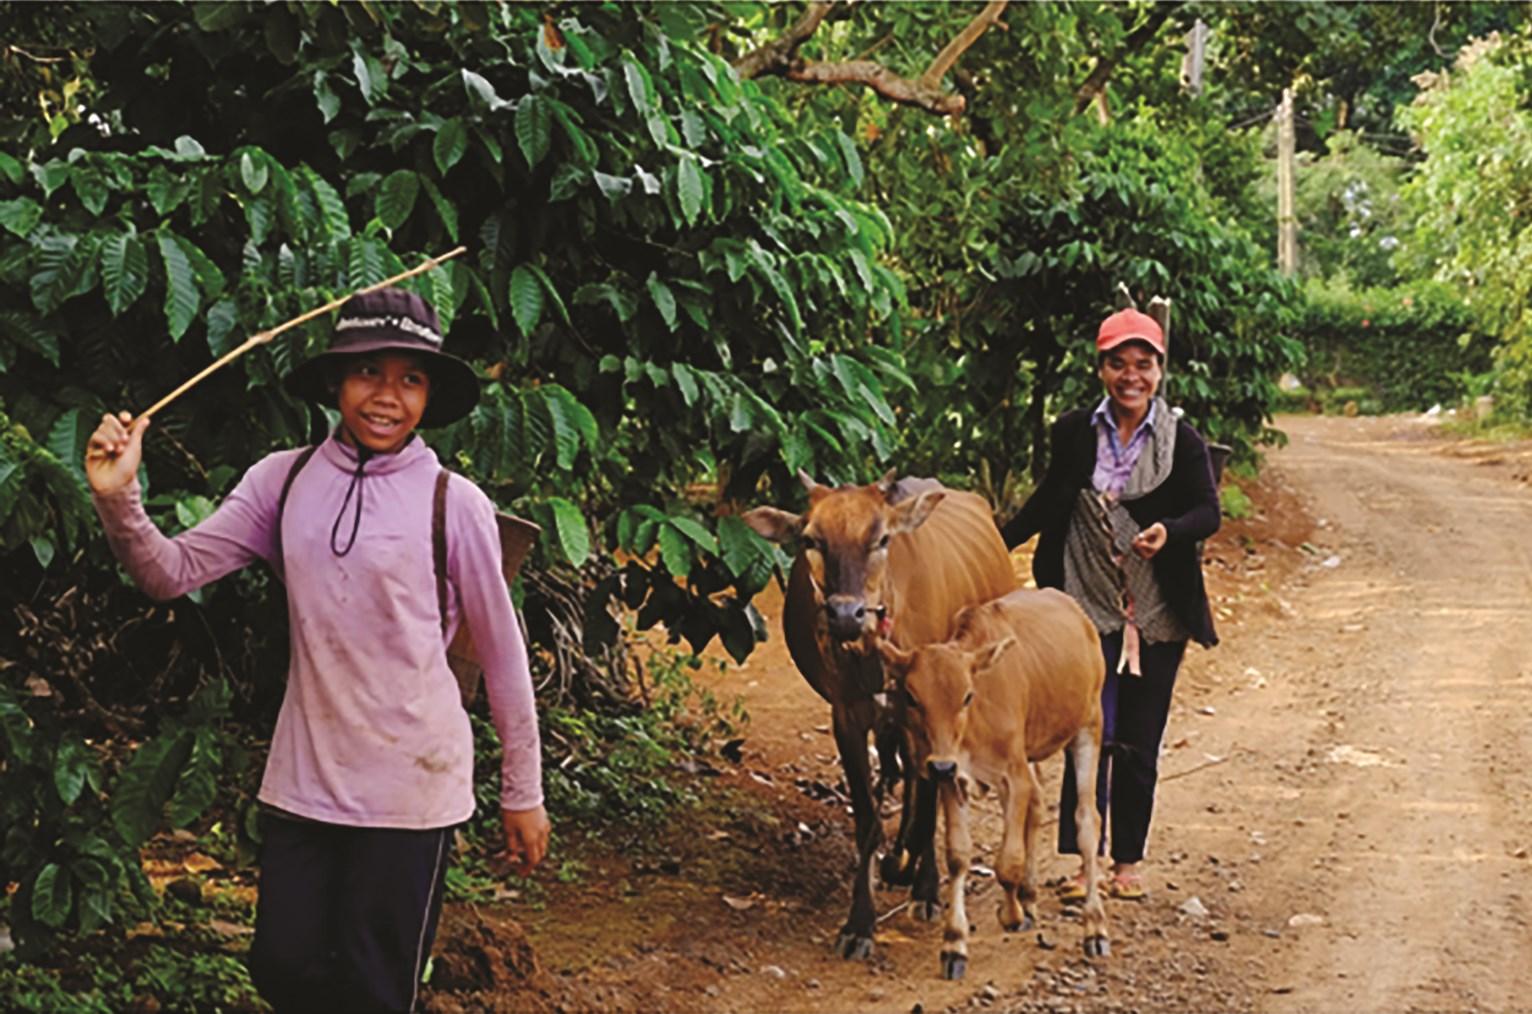 Nhờ tiếp cận nguồn vốn tín dụng của NHCSXH, đồng bào DTTS ở Gia Lai đã có điều kiện phát triển trồng trọt, chăn nuôi, đẩy lùi tín dụng đen